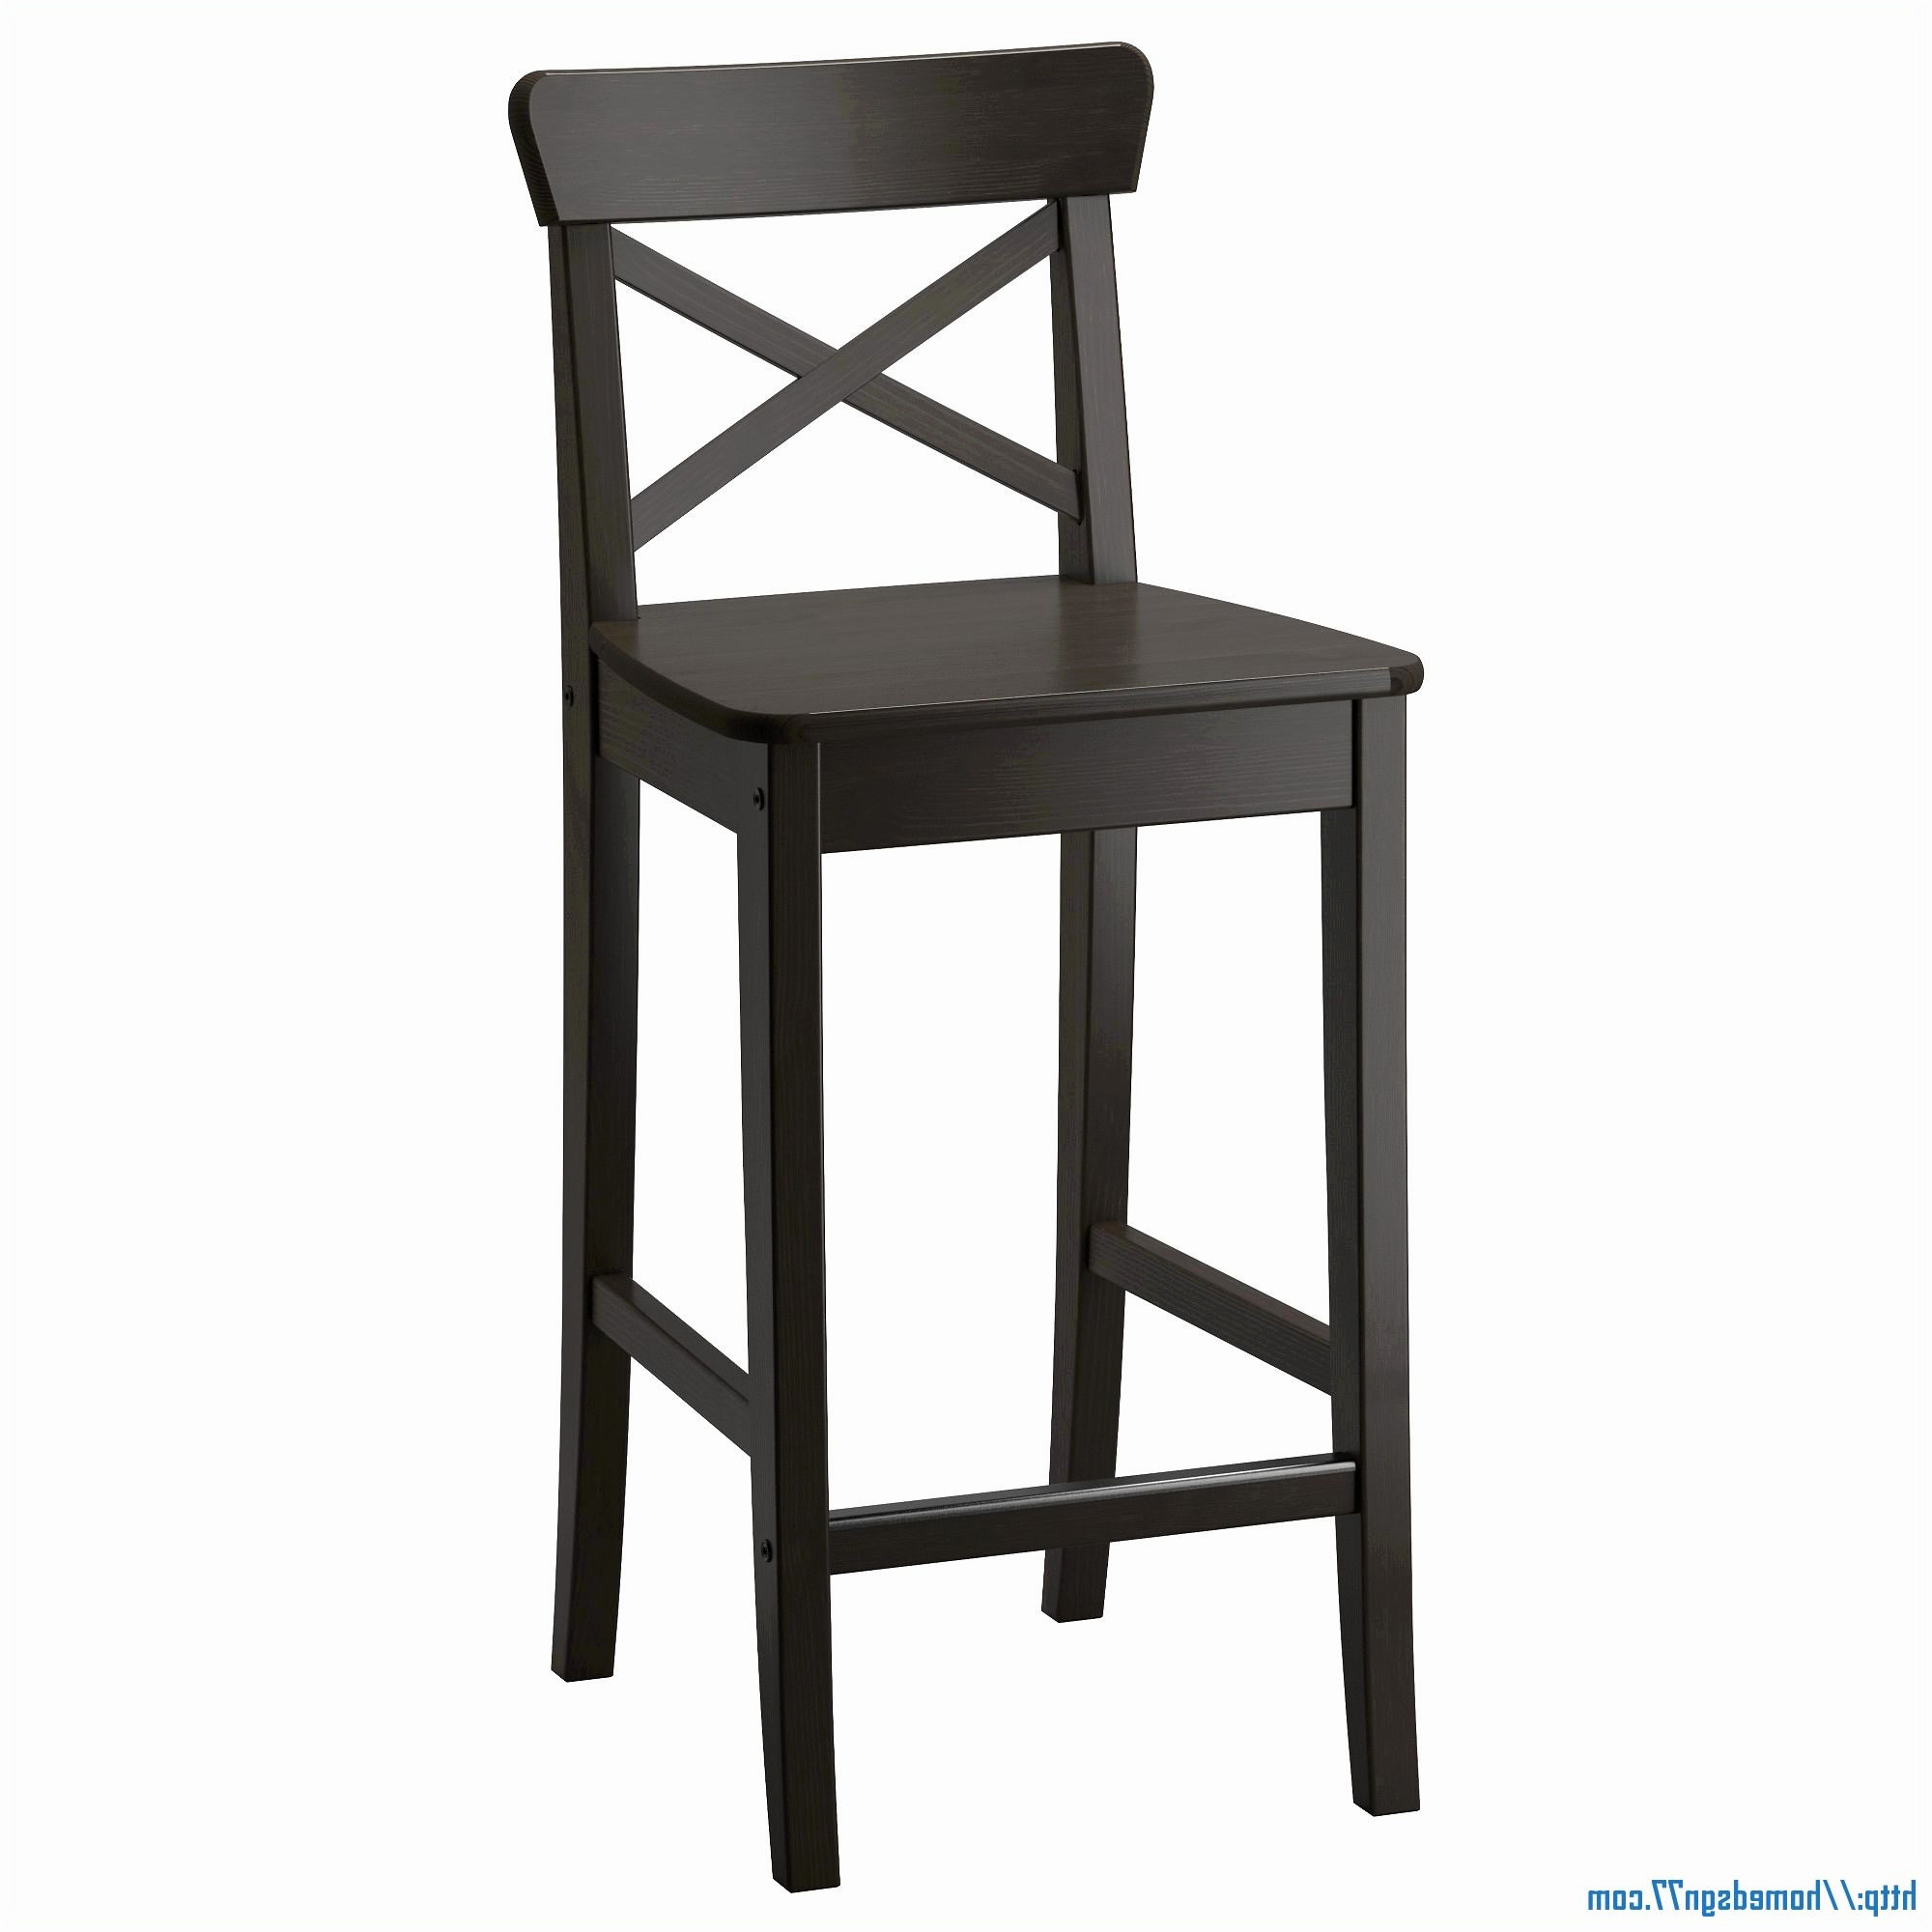 fauteuil confortable ikea nouveau ikea chaise de cuisine chaise ikea cuisine cuisine fauteuil salon 0d of fauteuil confortable ikea